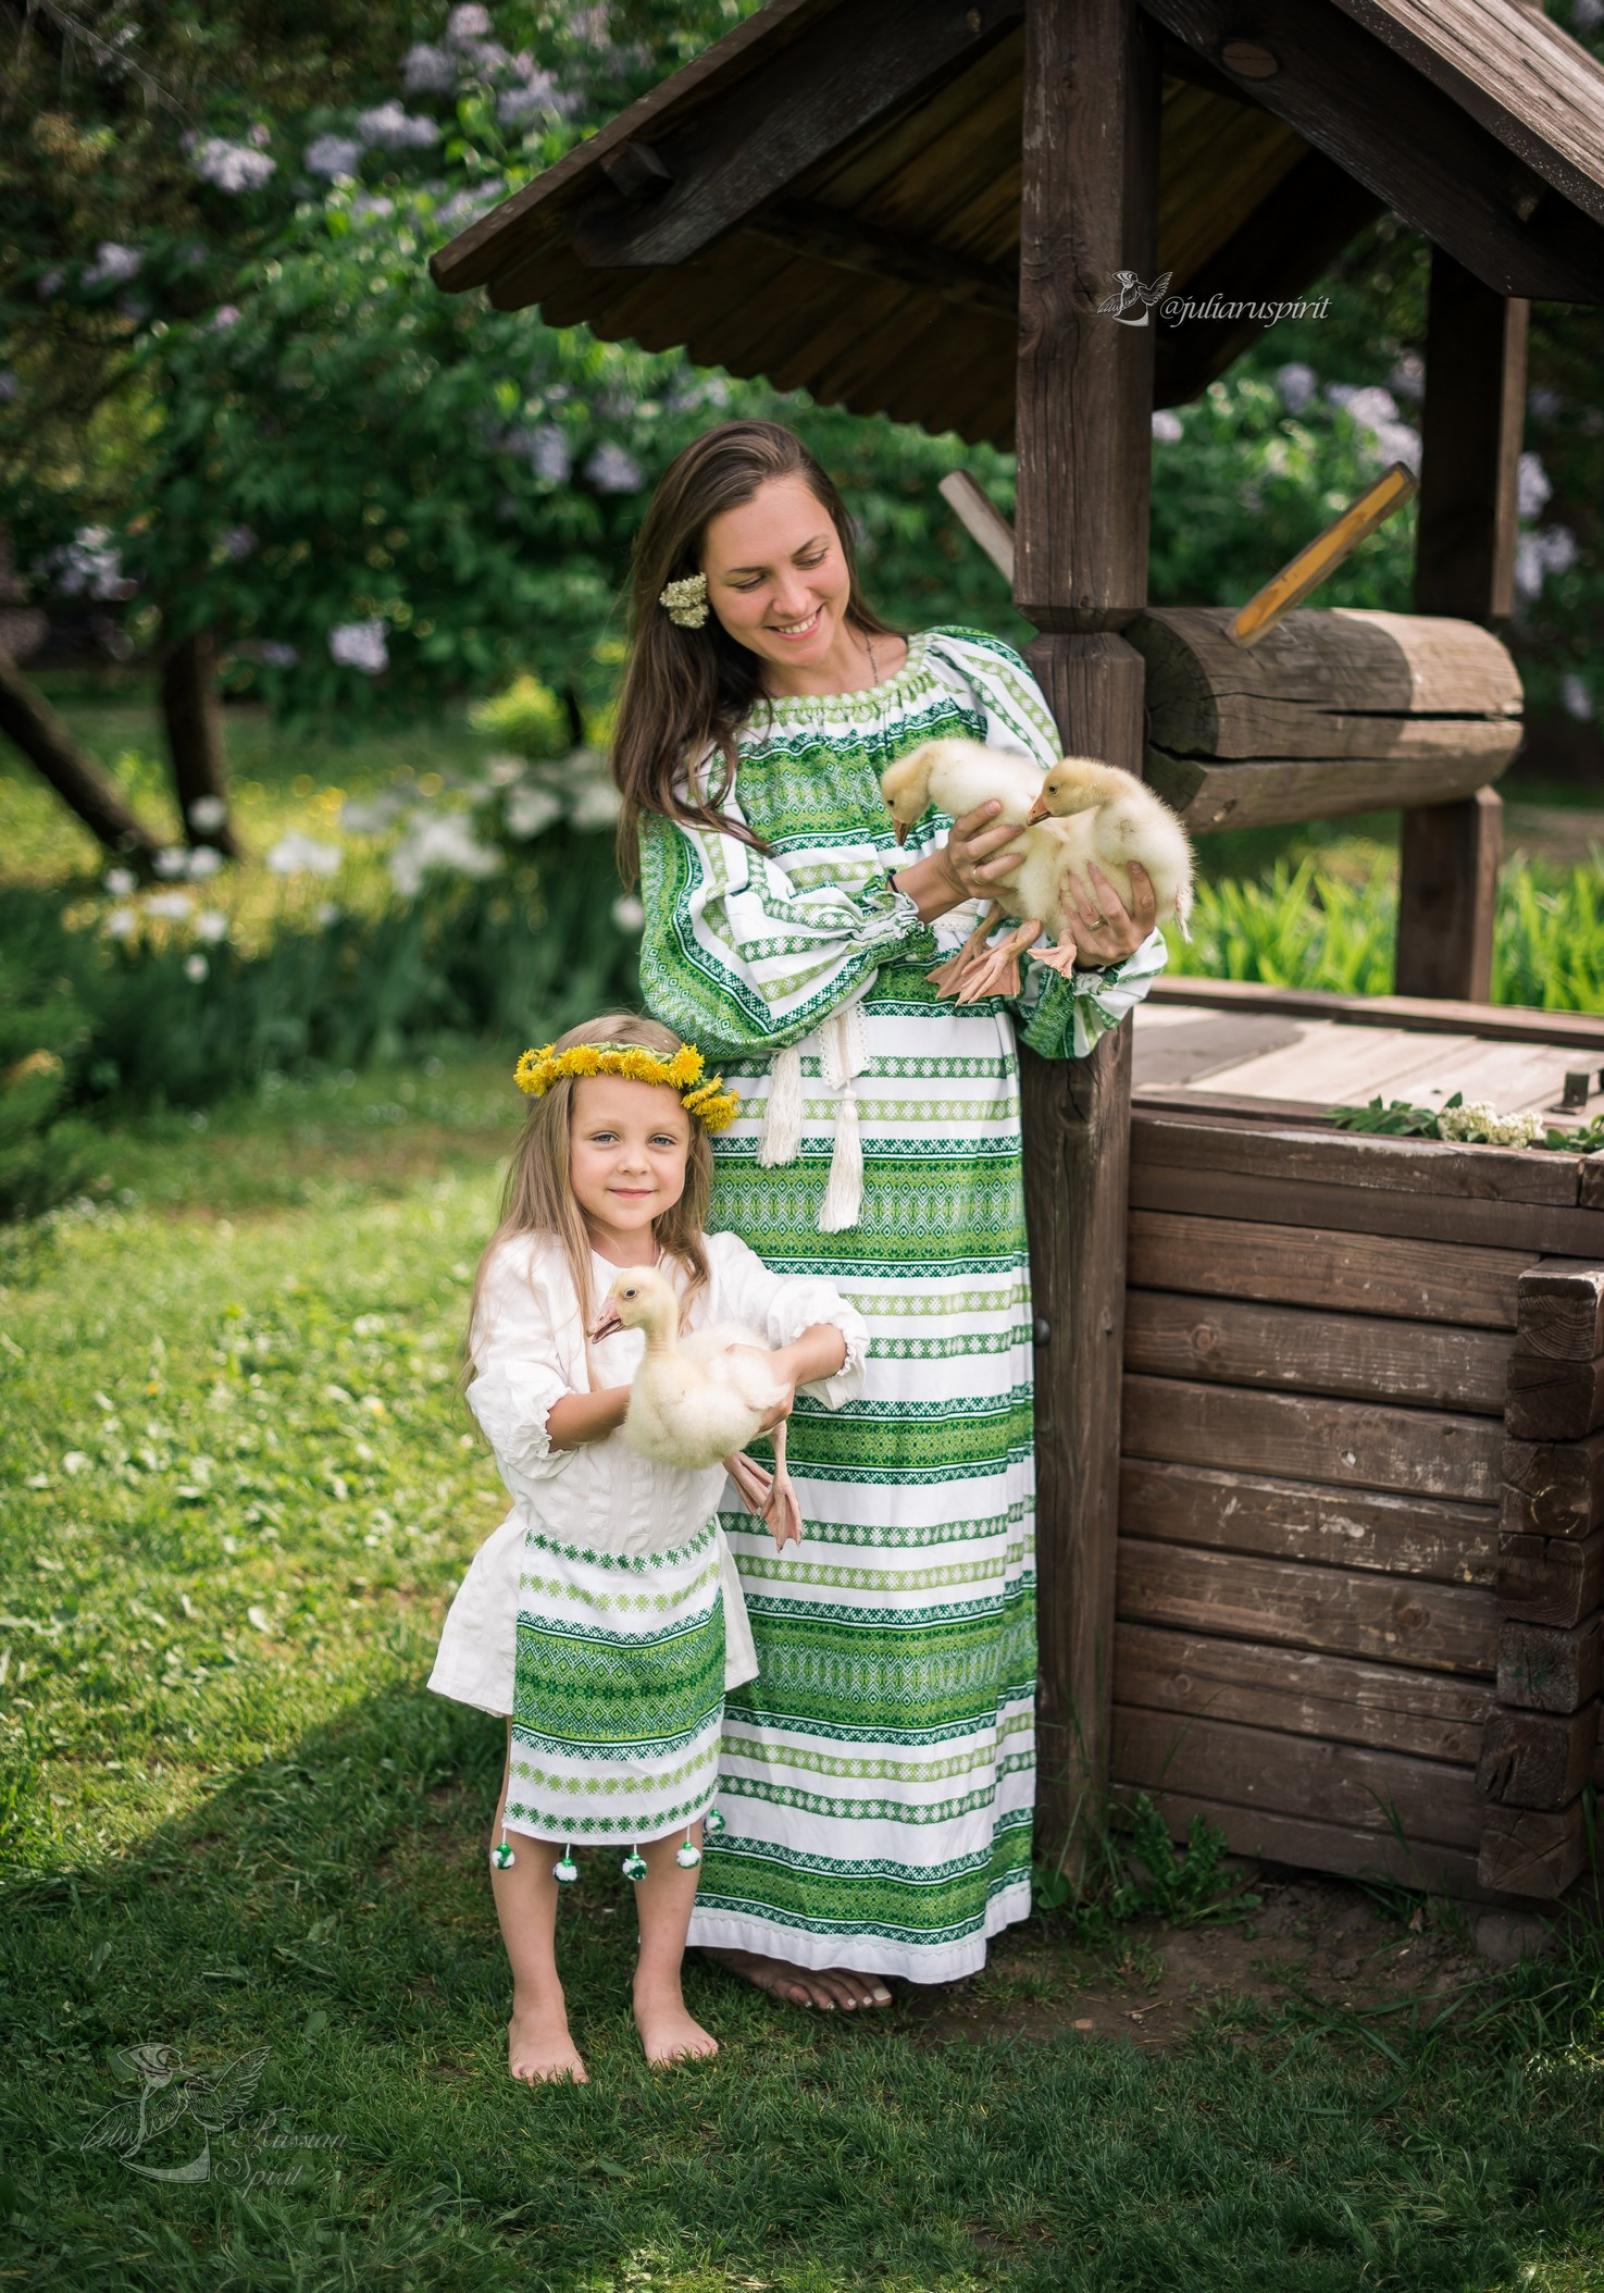 Мама с дочкой в поле в национальных костюмах у колодца с утятами